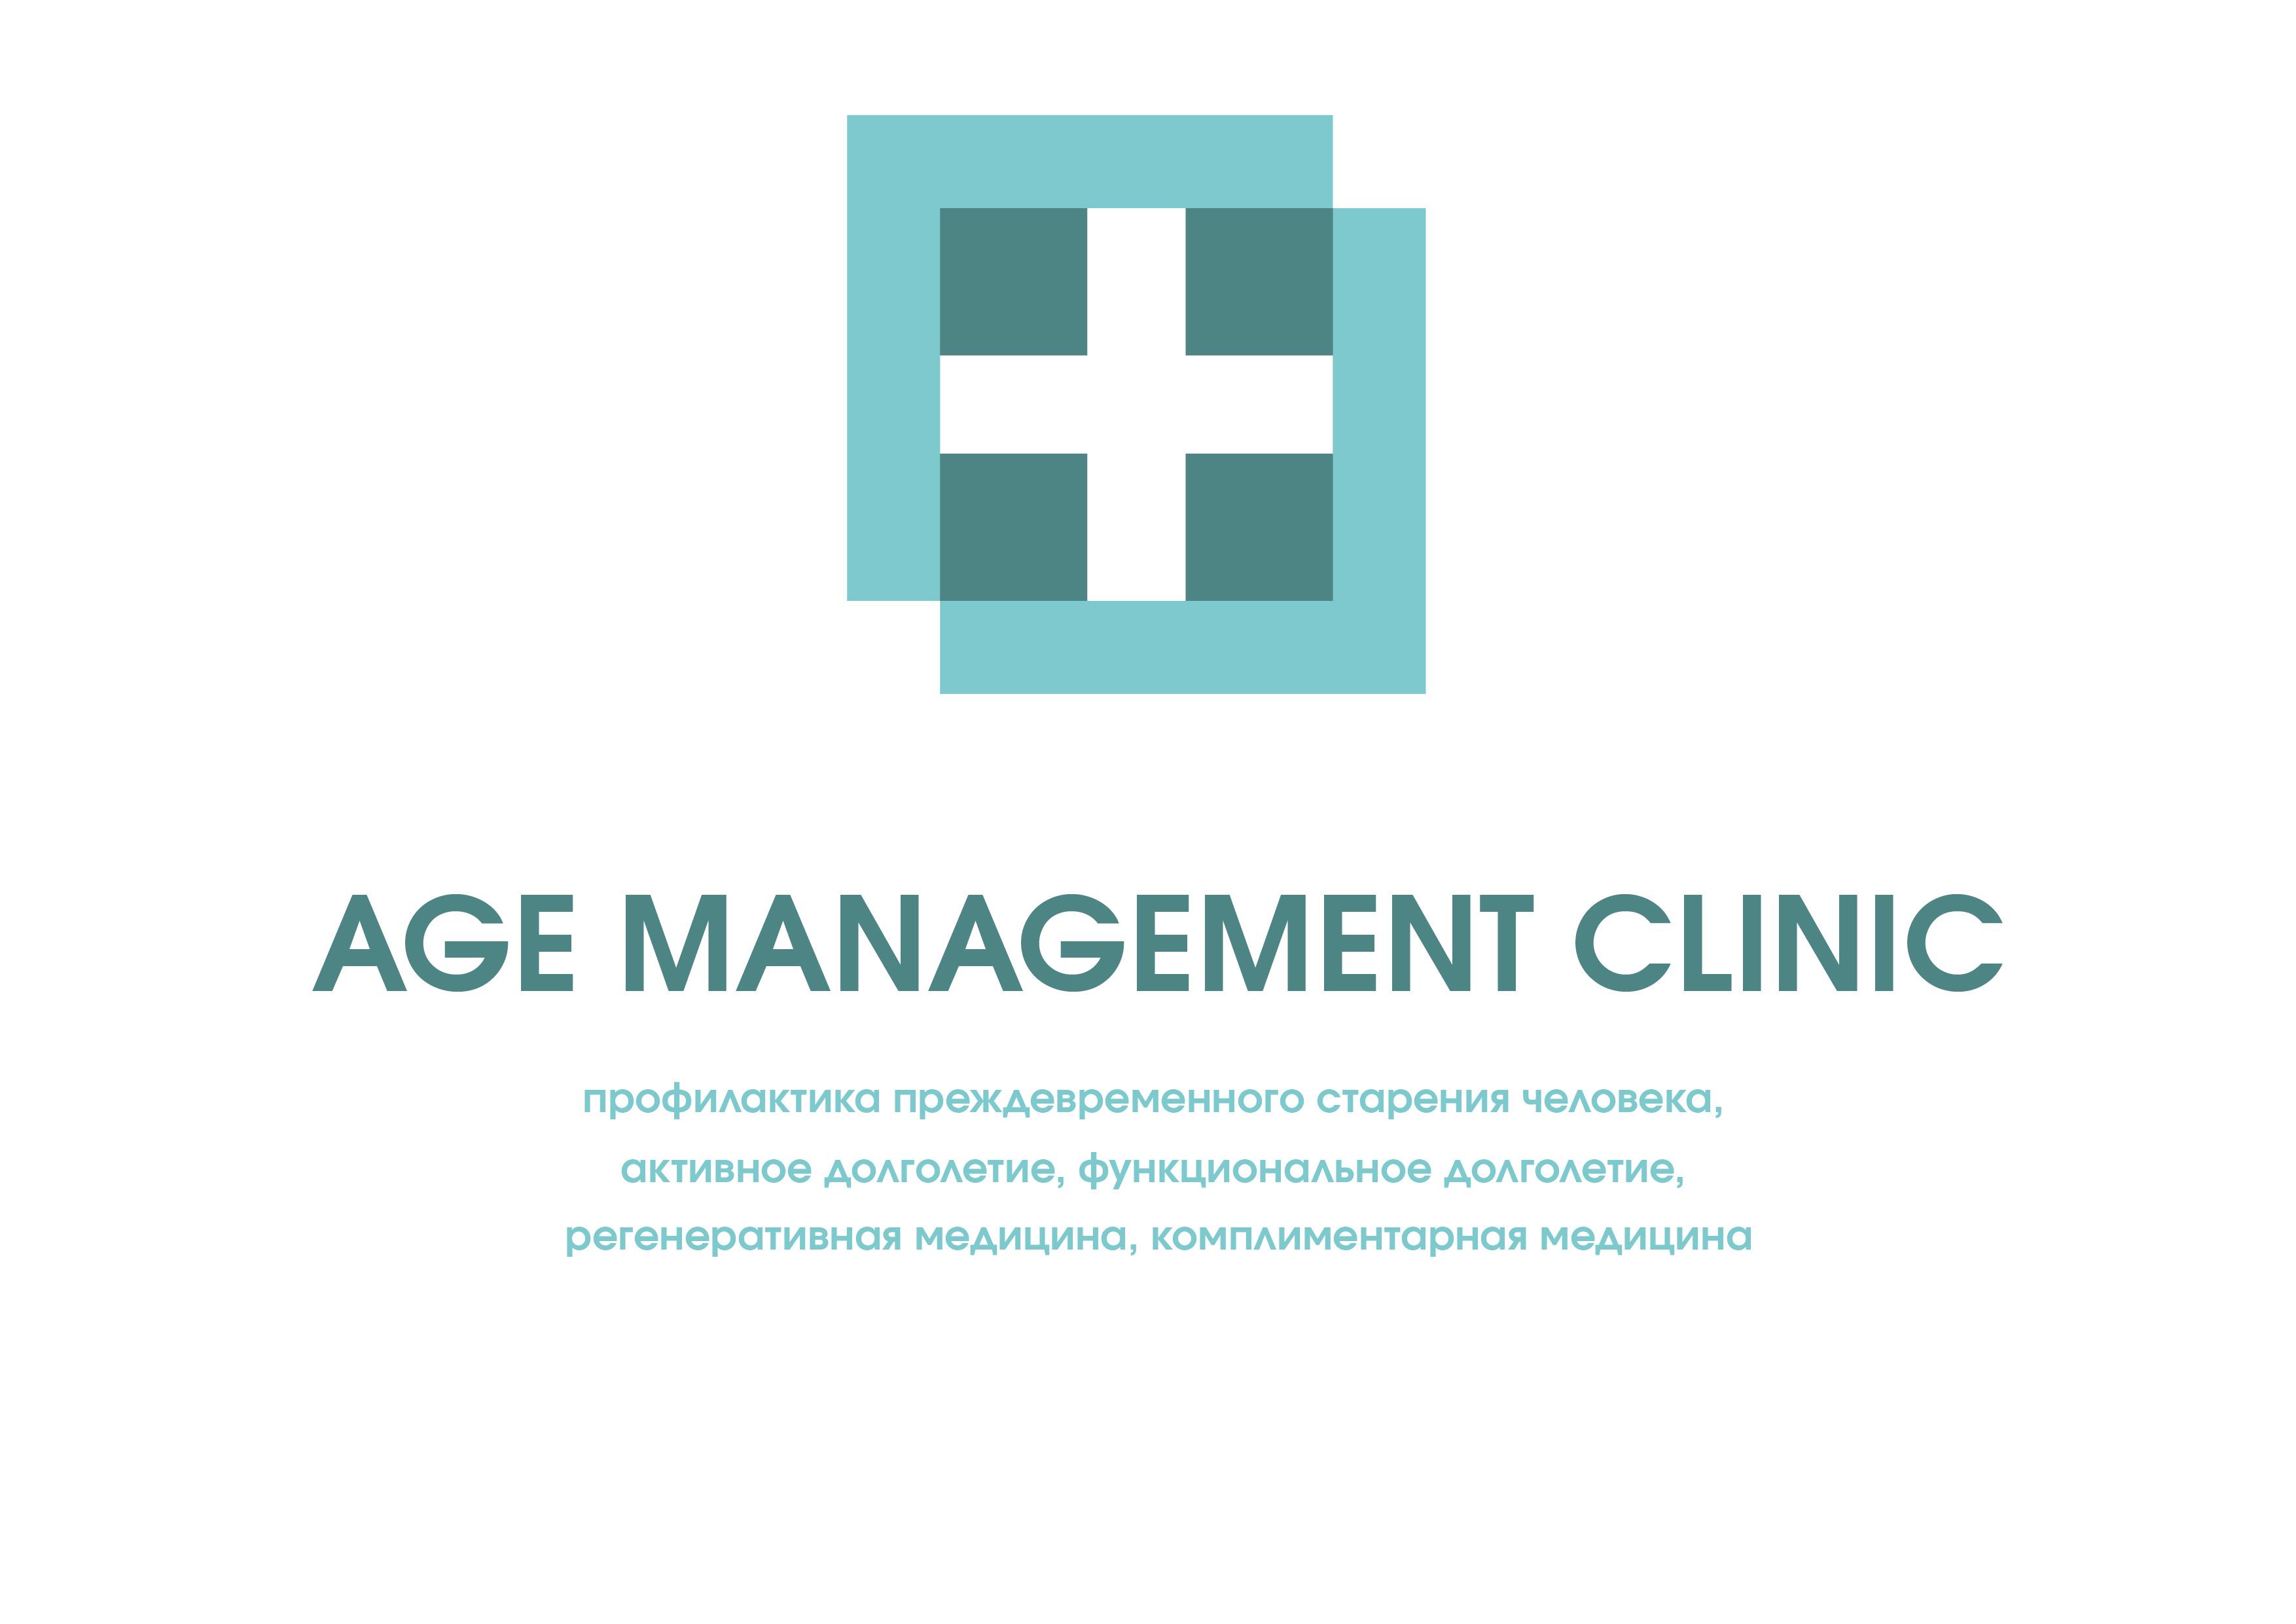 Логотип для медицинского центра (клиники)  фото f_7445b9cc5cb407c0.jpg